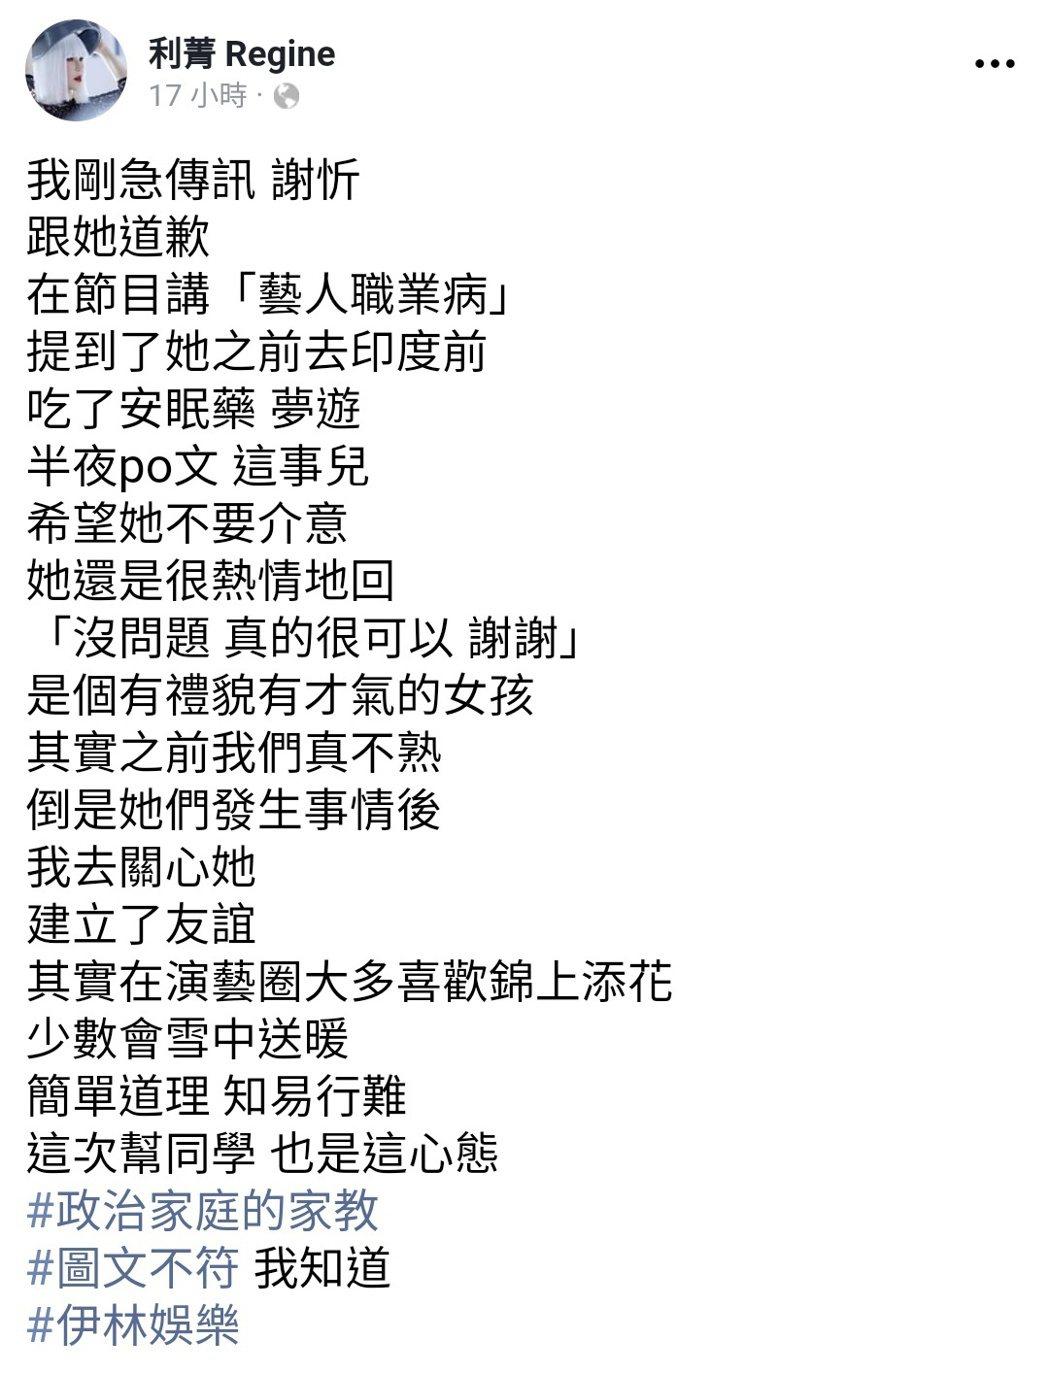 利菁發文向謝忻道歉。 圖/擷自利菁臉書